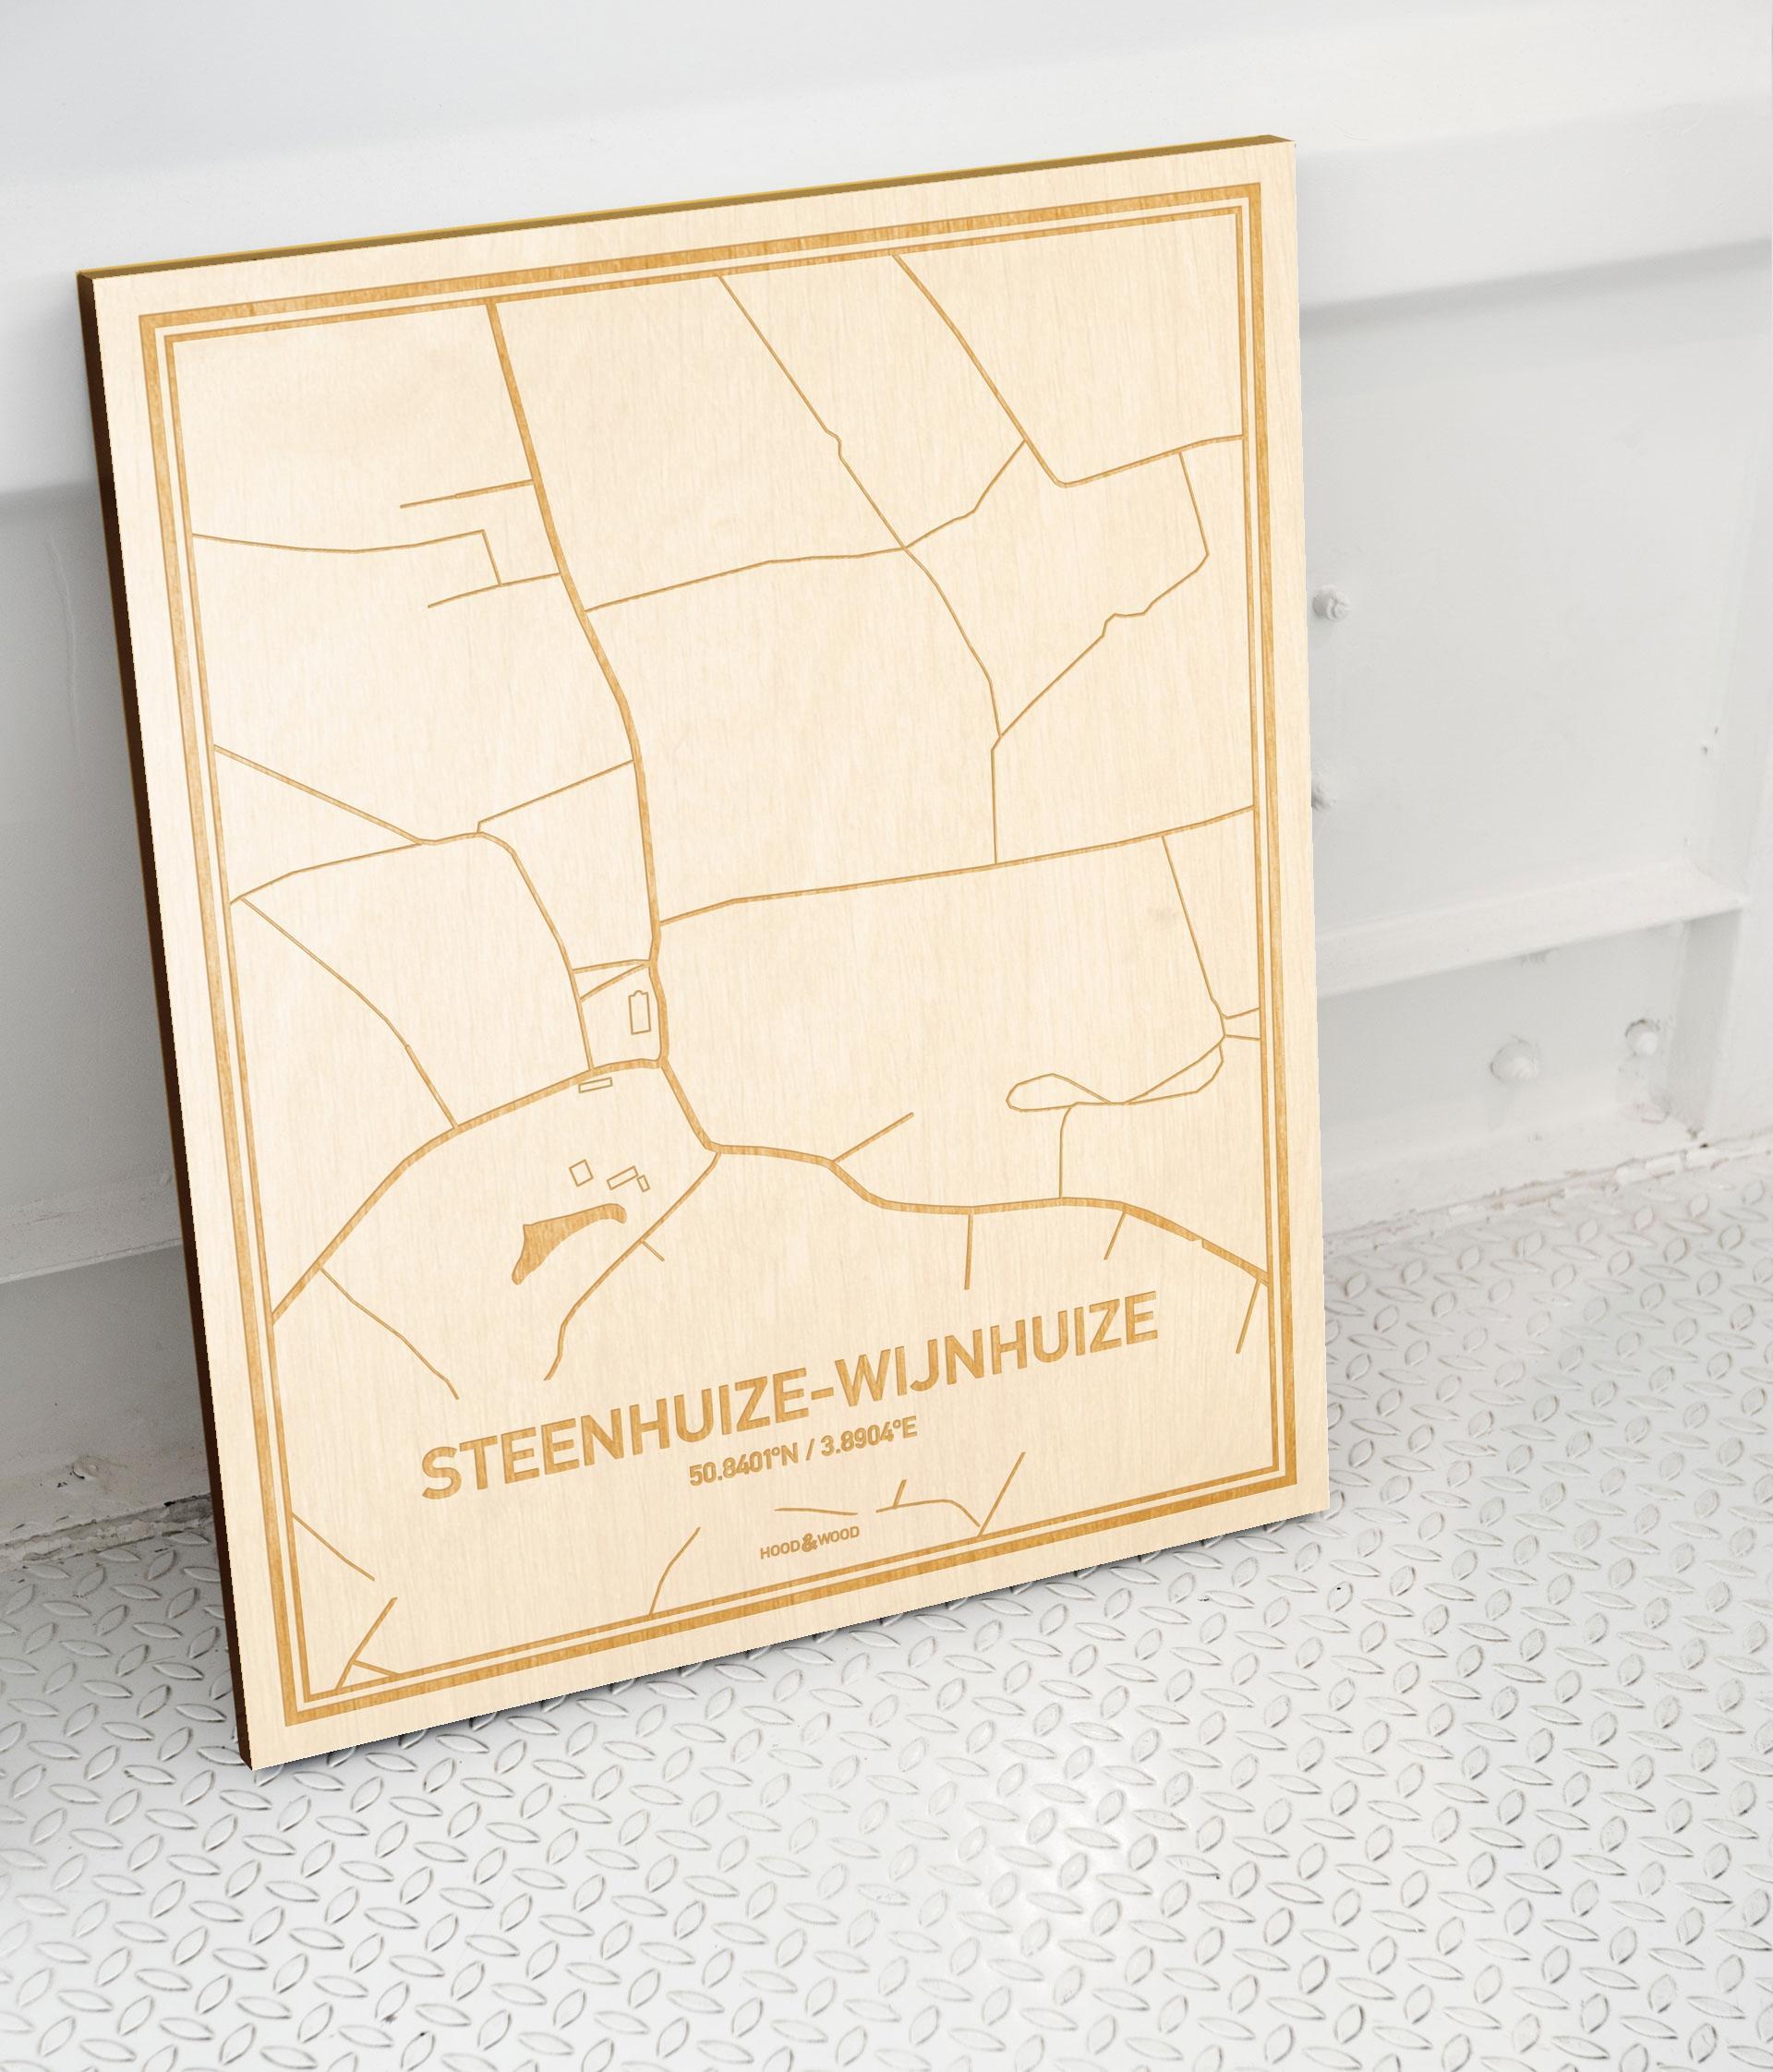 Plattegrond Steenhuize-Wijnhuize als prachtige houten wanddecoratie. Het warme hout contrasteert mooi met de witte muur.